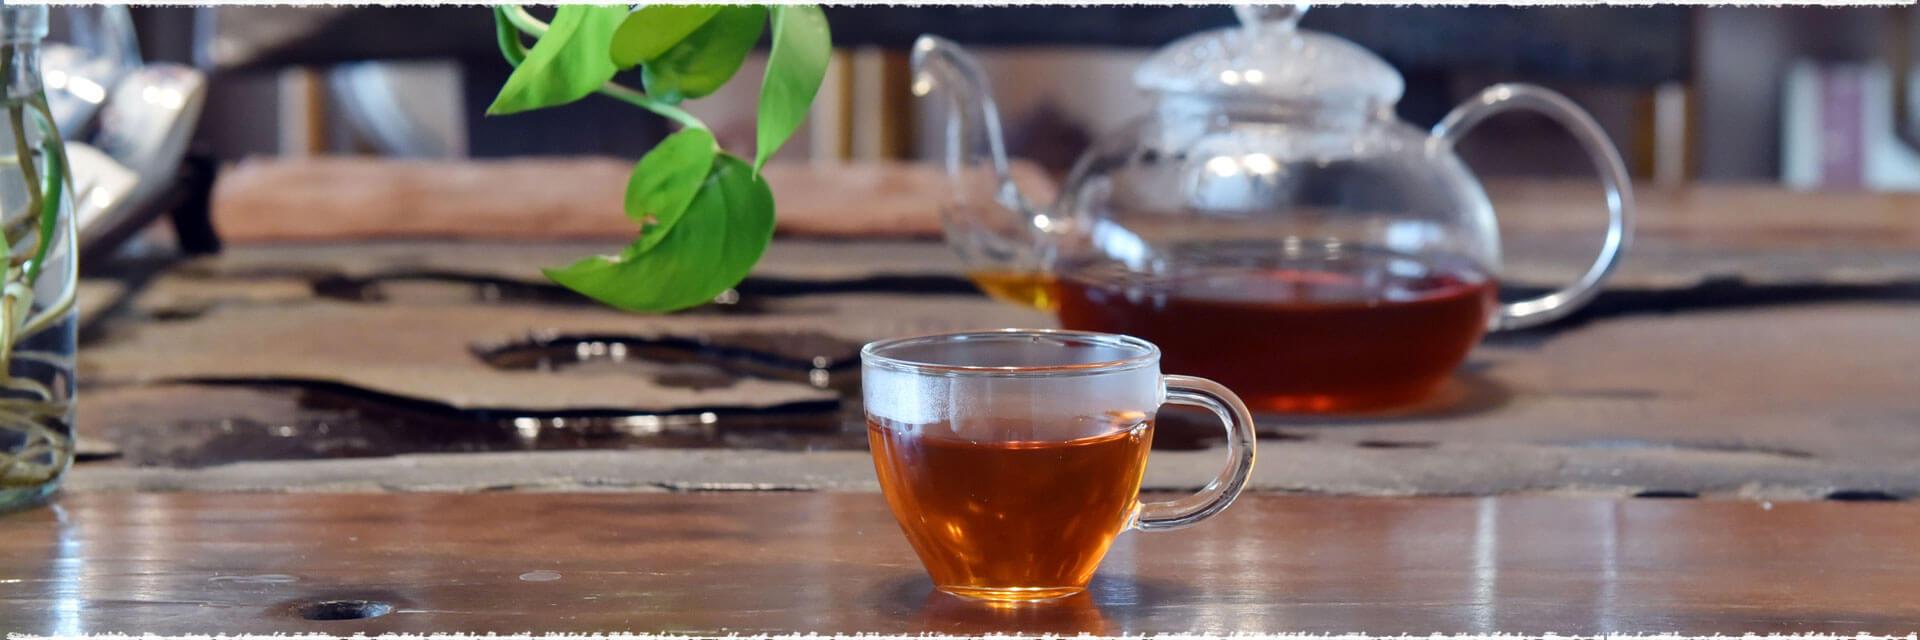 Nouilles chinoises au thé noir fumé